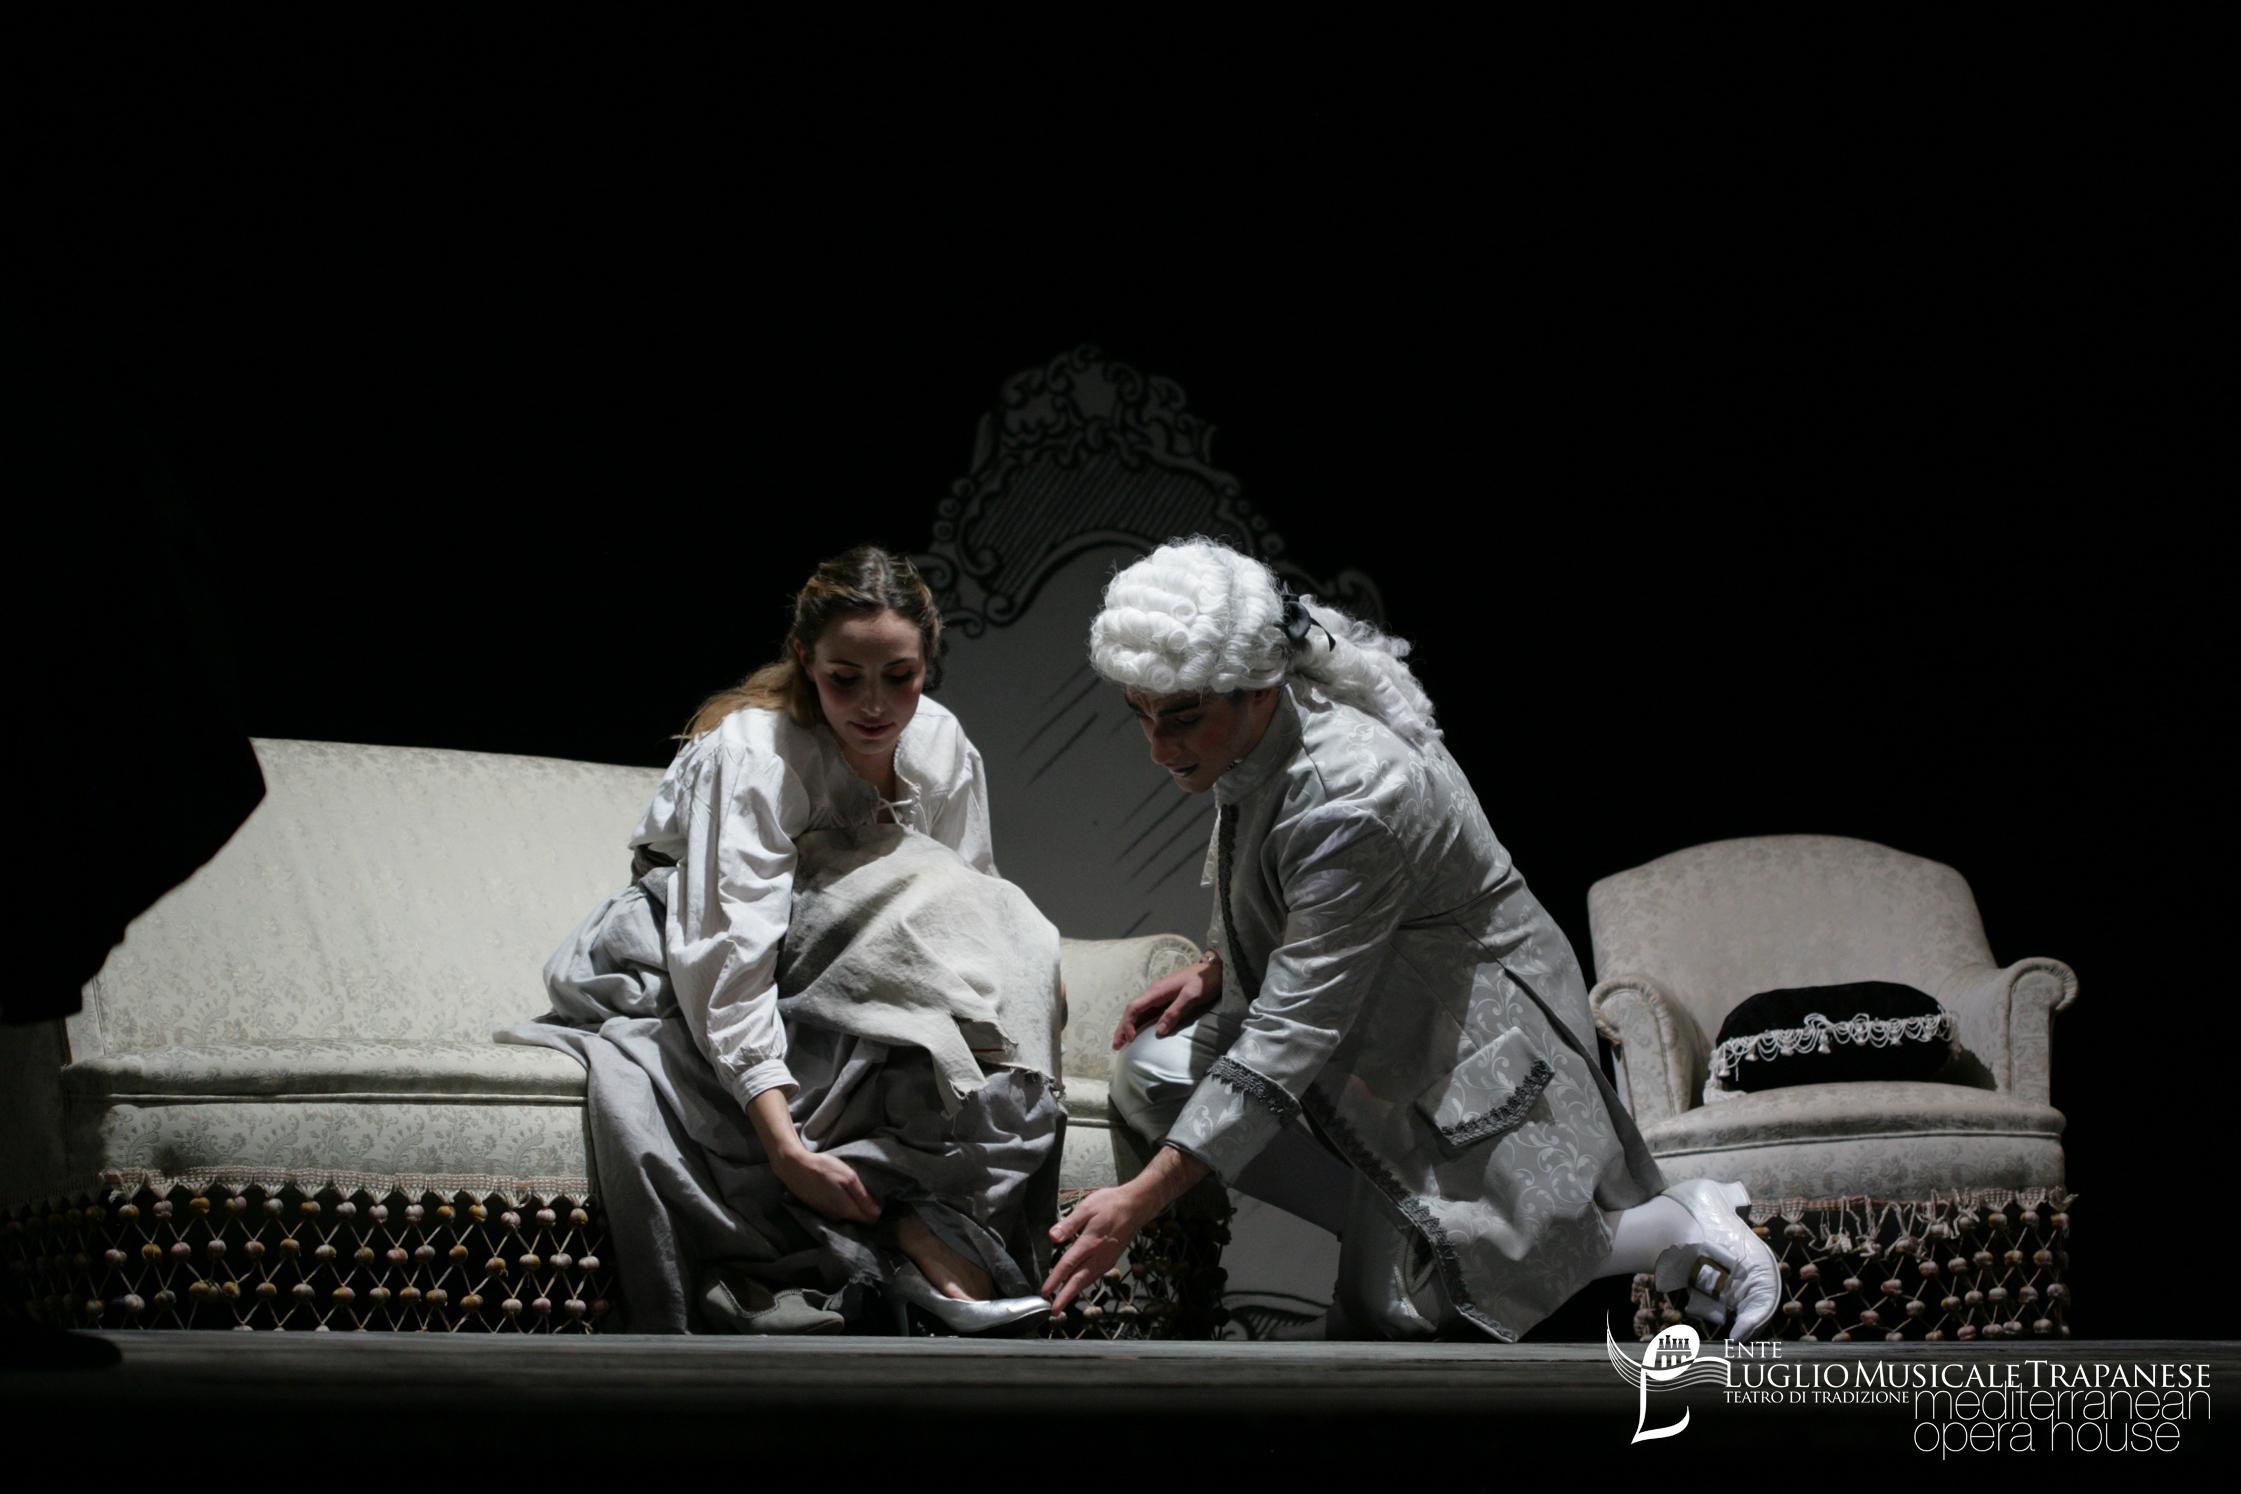 Foto concesse dall'ufficio stampa dell'Ente Luglio Musicale Trapanese